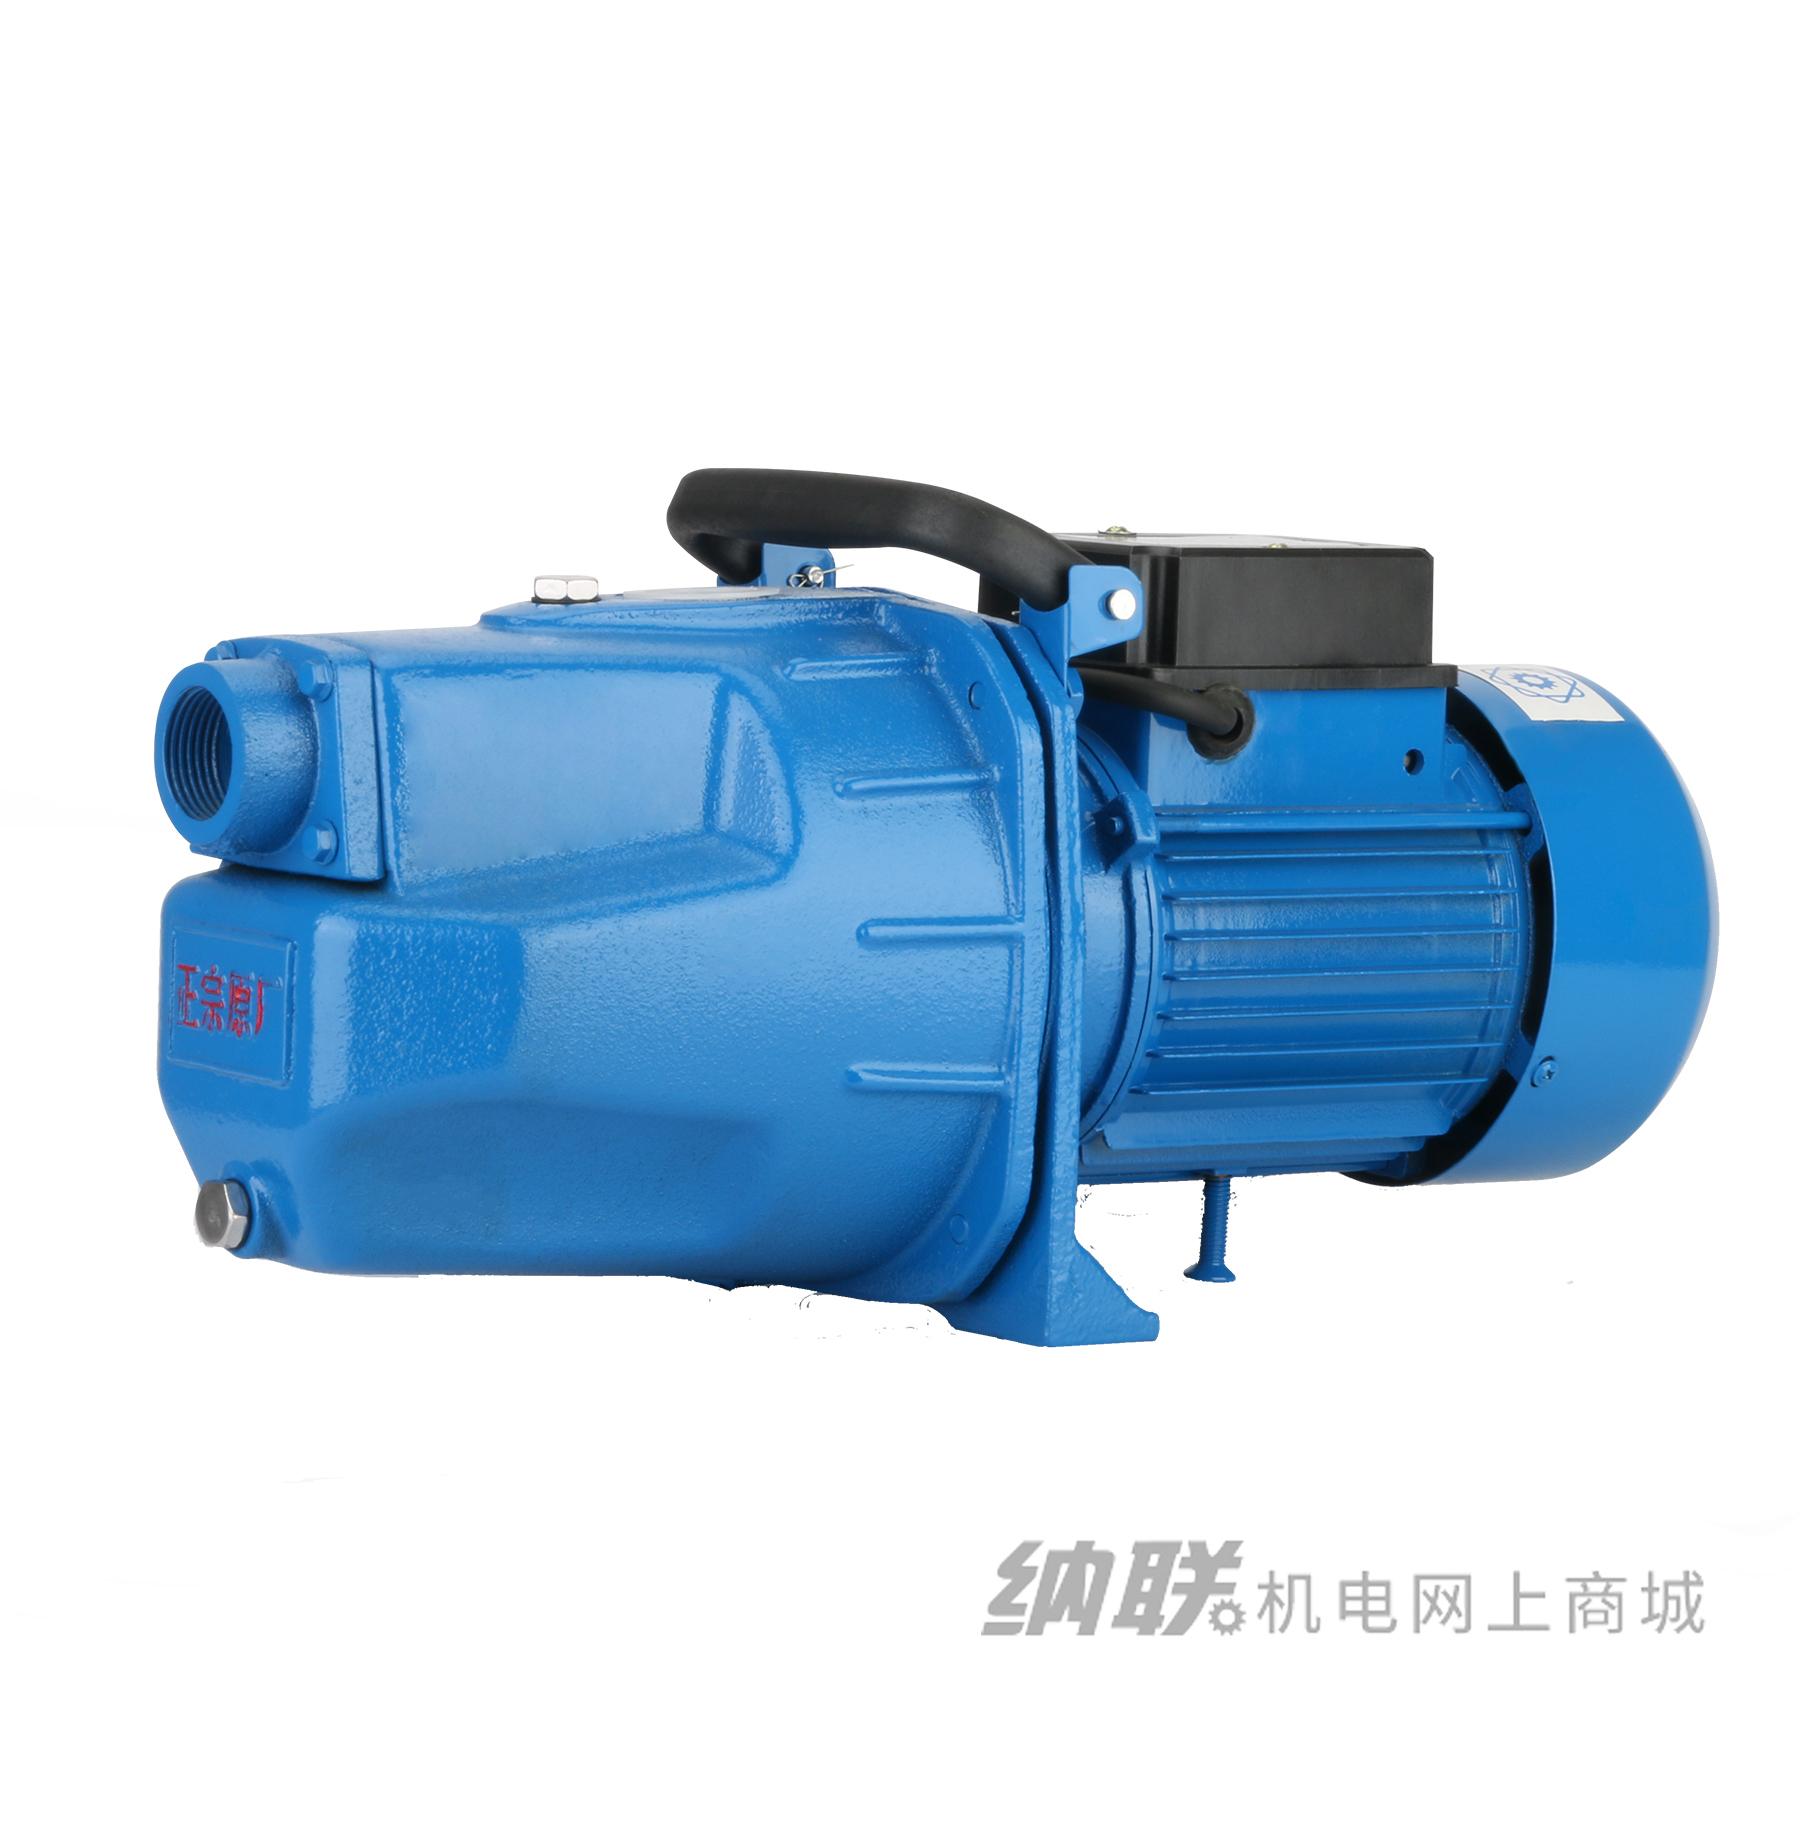 纳联机电 喷射泵-JET-1.8单相(特供)